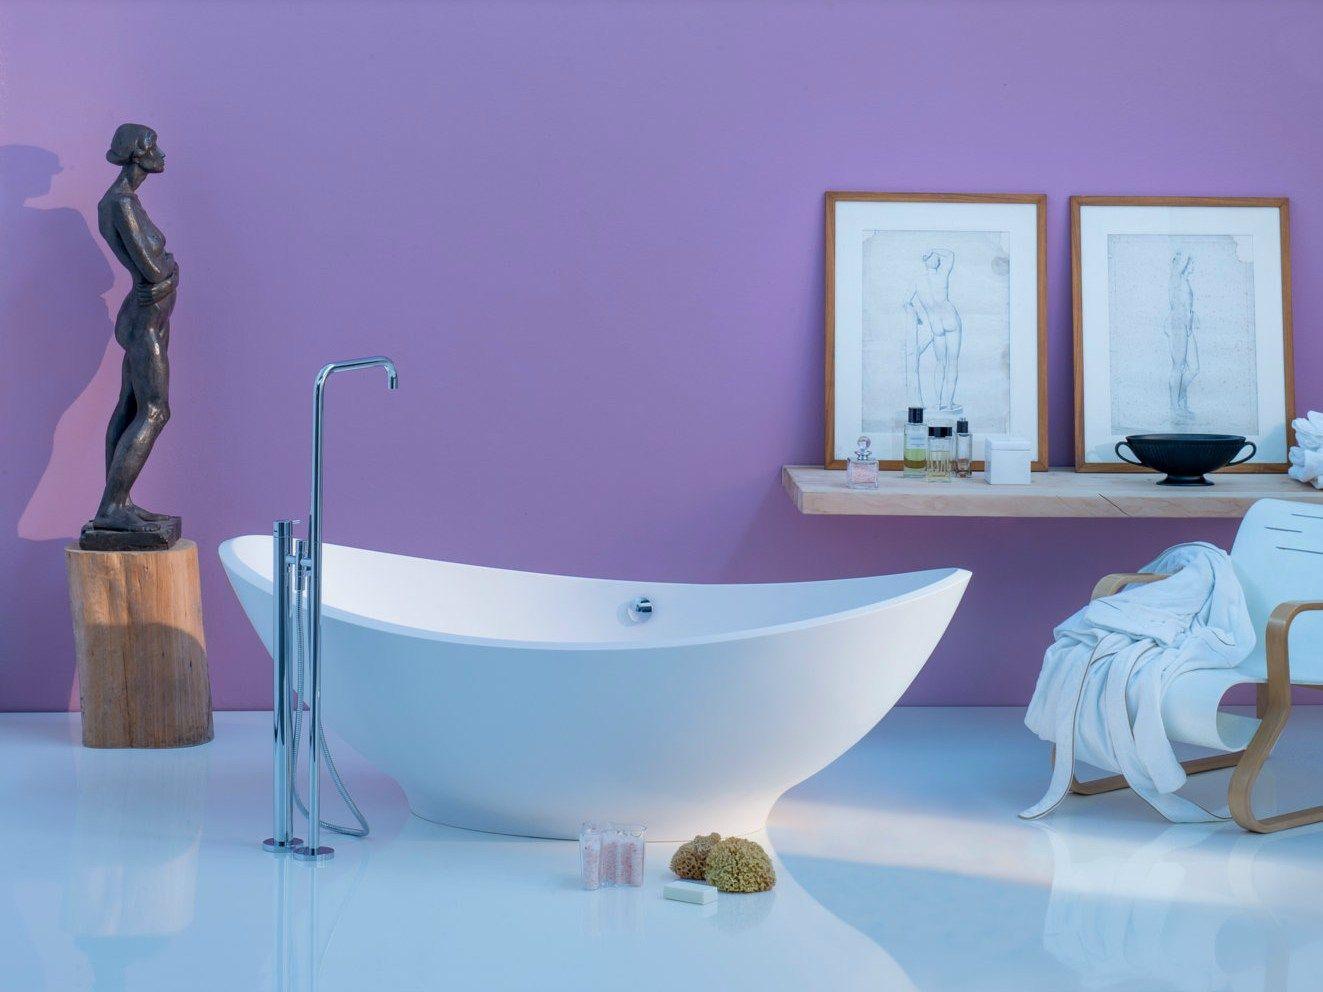 Vasca da bagno centro stanza ovale LAVASCA by Rapsel | design Matteo ...